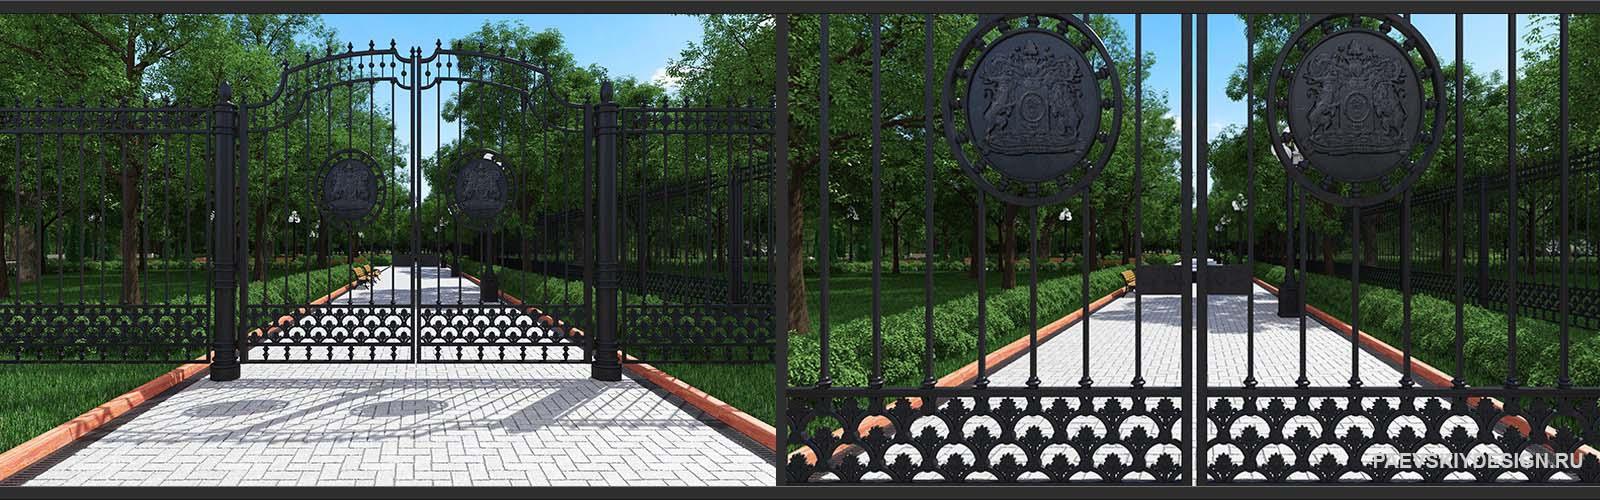 дизайн кованного ограждения, забора, ворот для парка, сквера